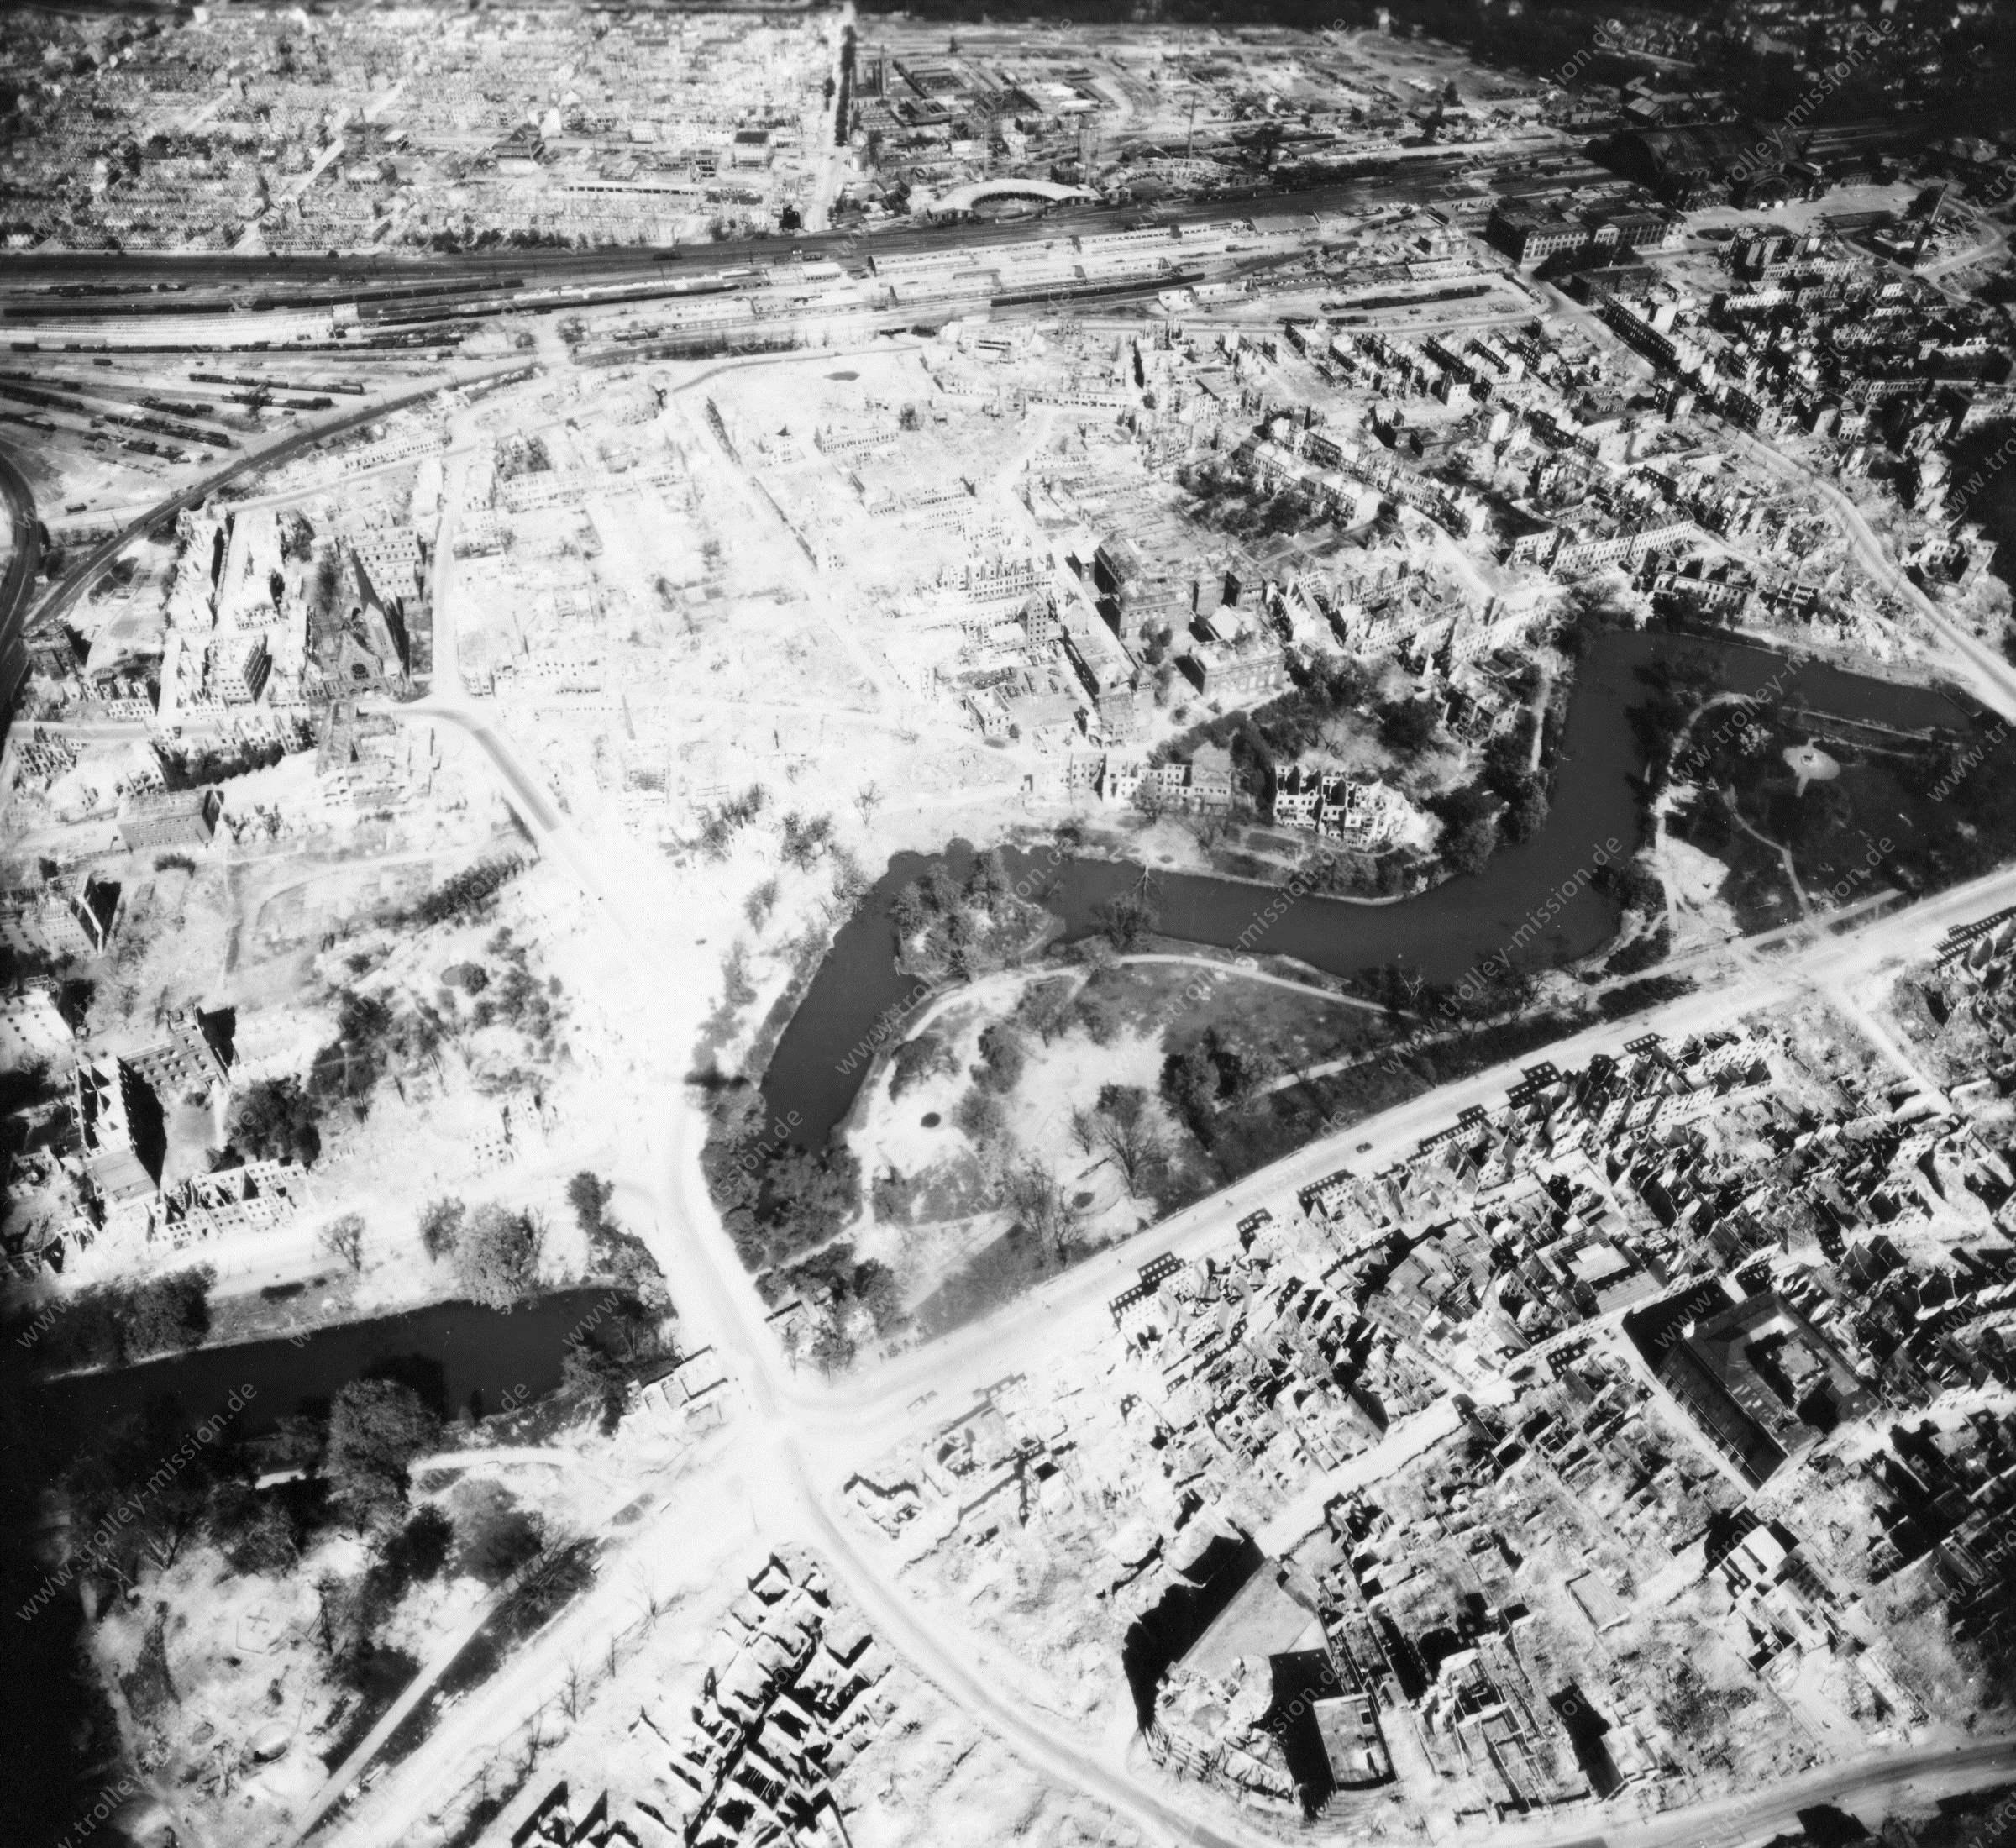 Luftbild von Bremen am 12. Mai 1945 - Luftbildserie 11/12 der US Air Force